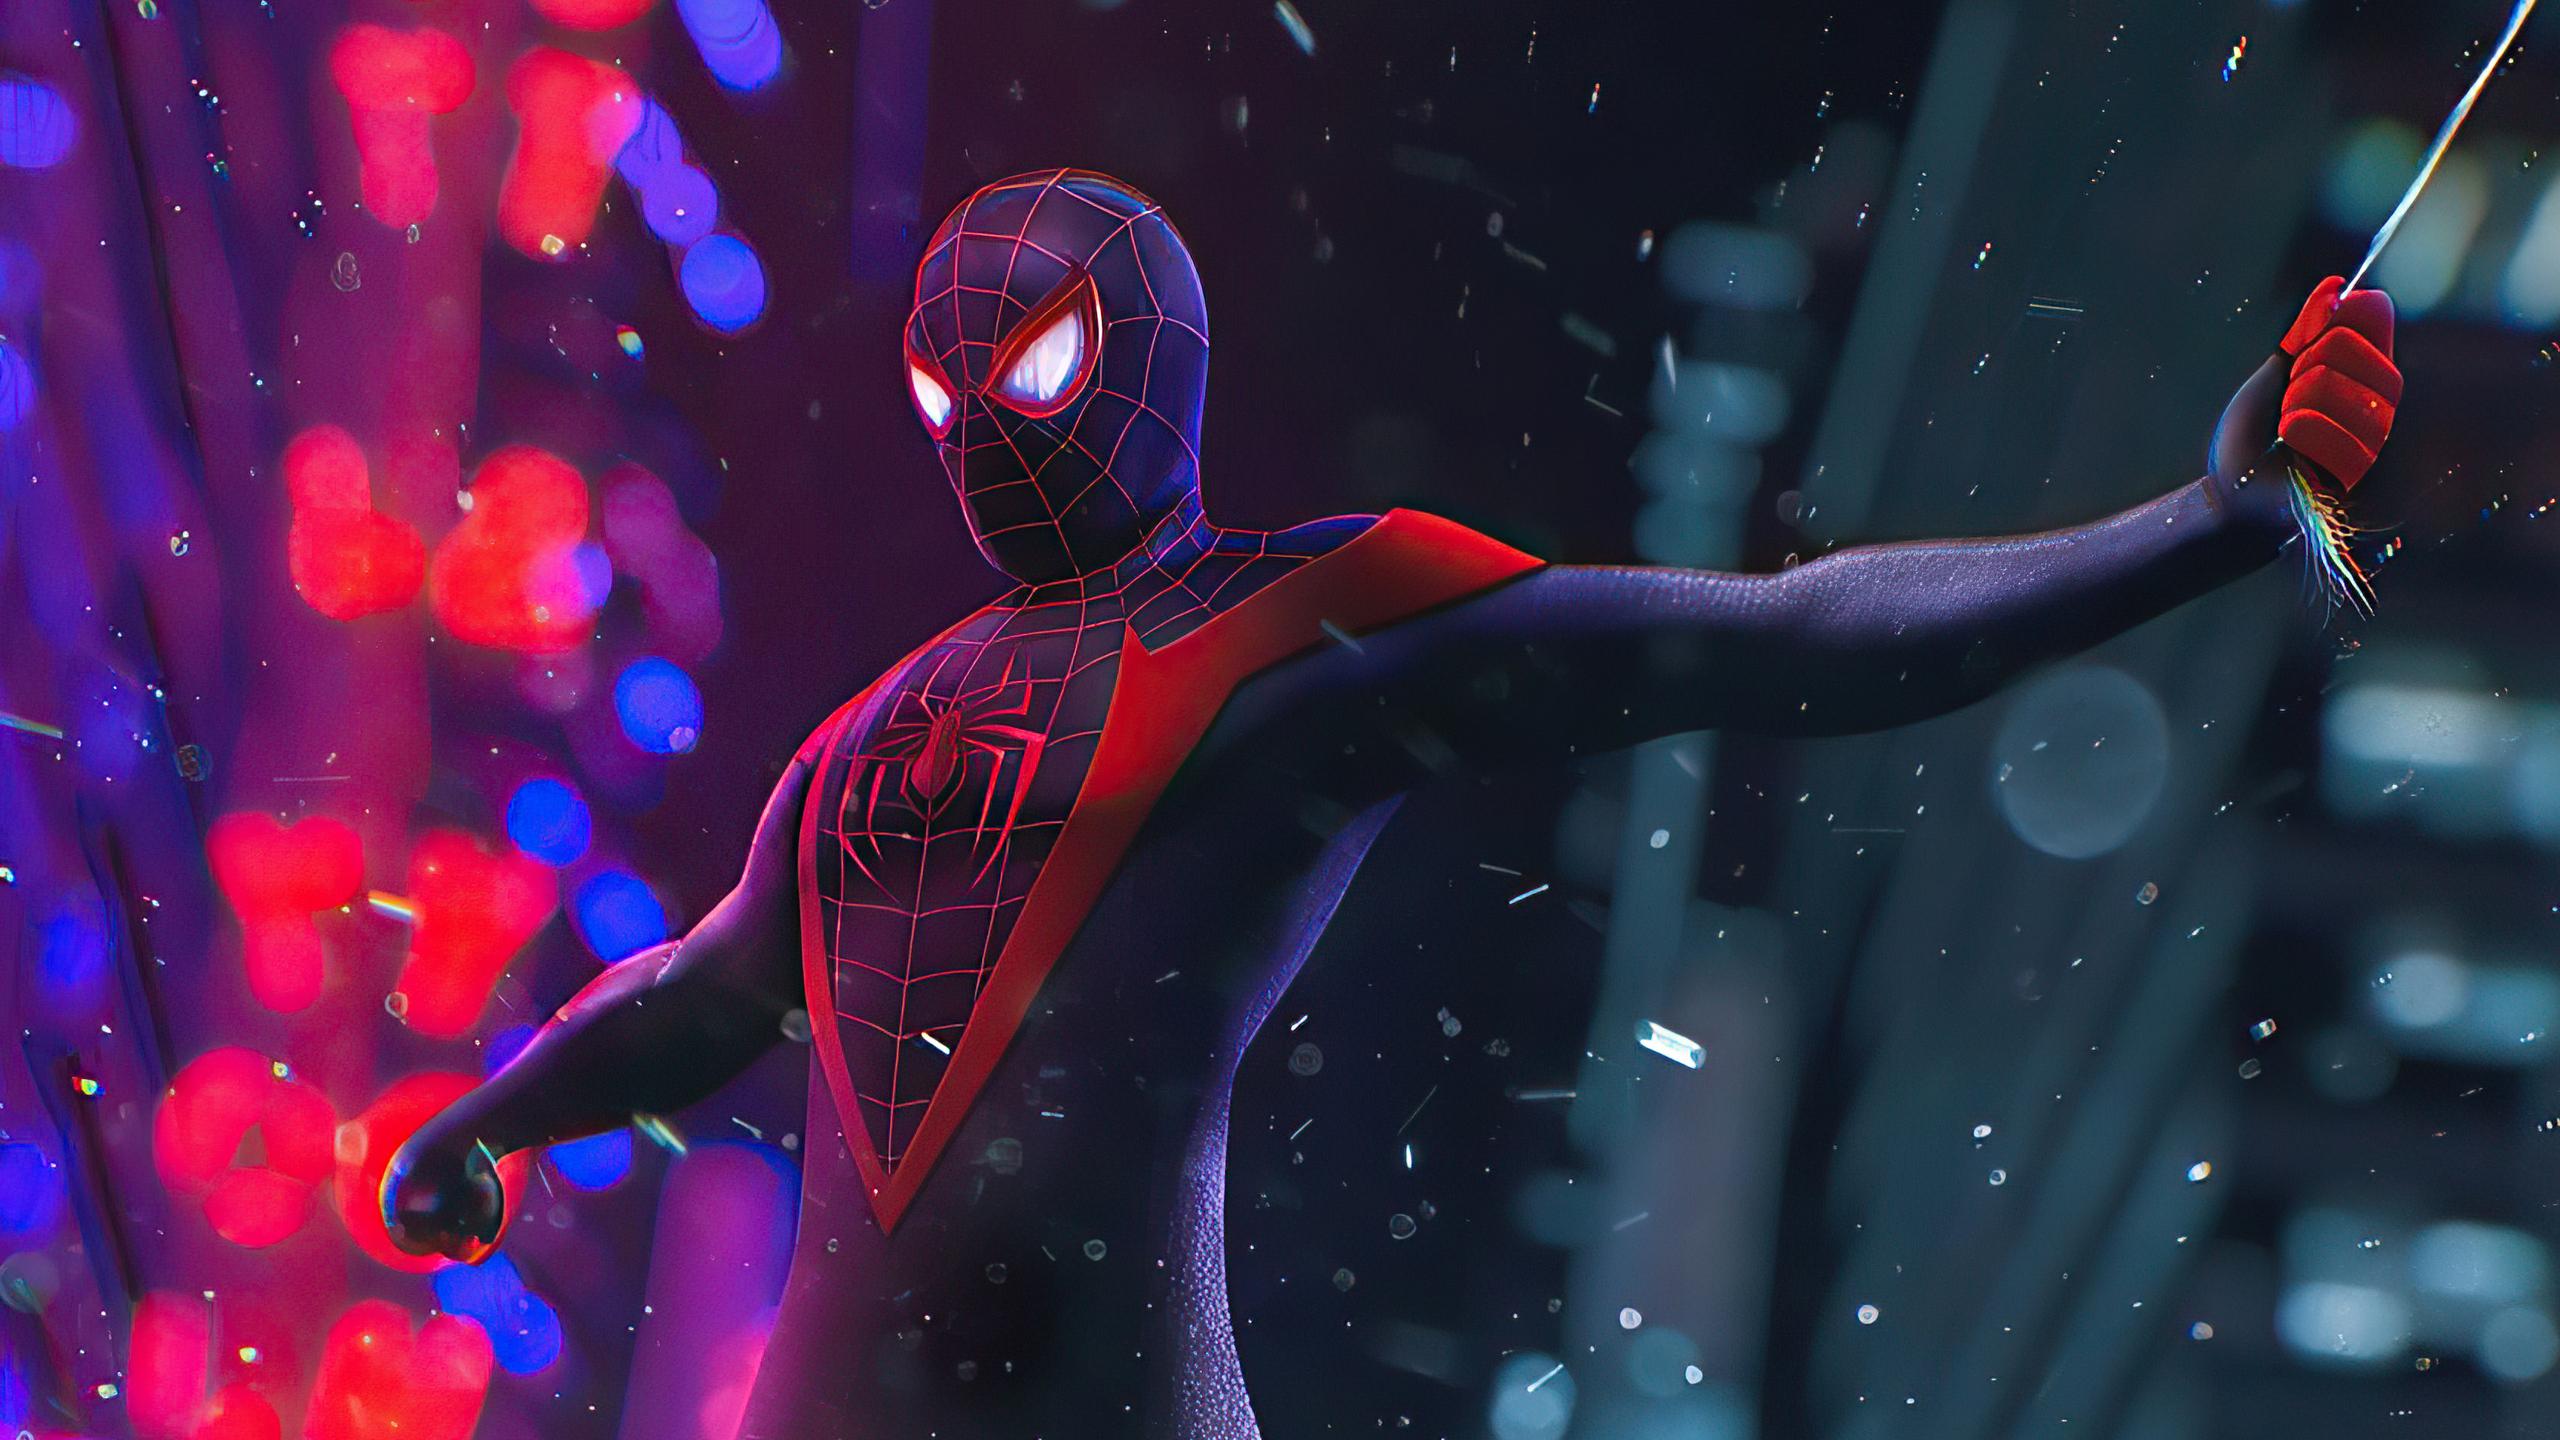 2560x1440 Spider Man City 4k 1440P Resolution HD 4k ...